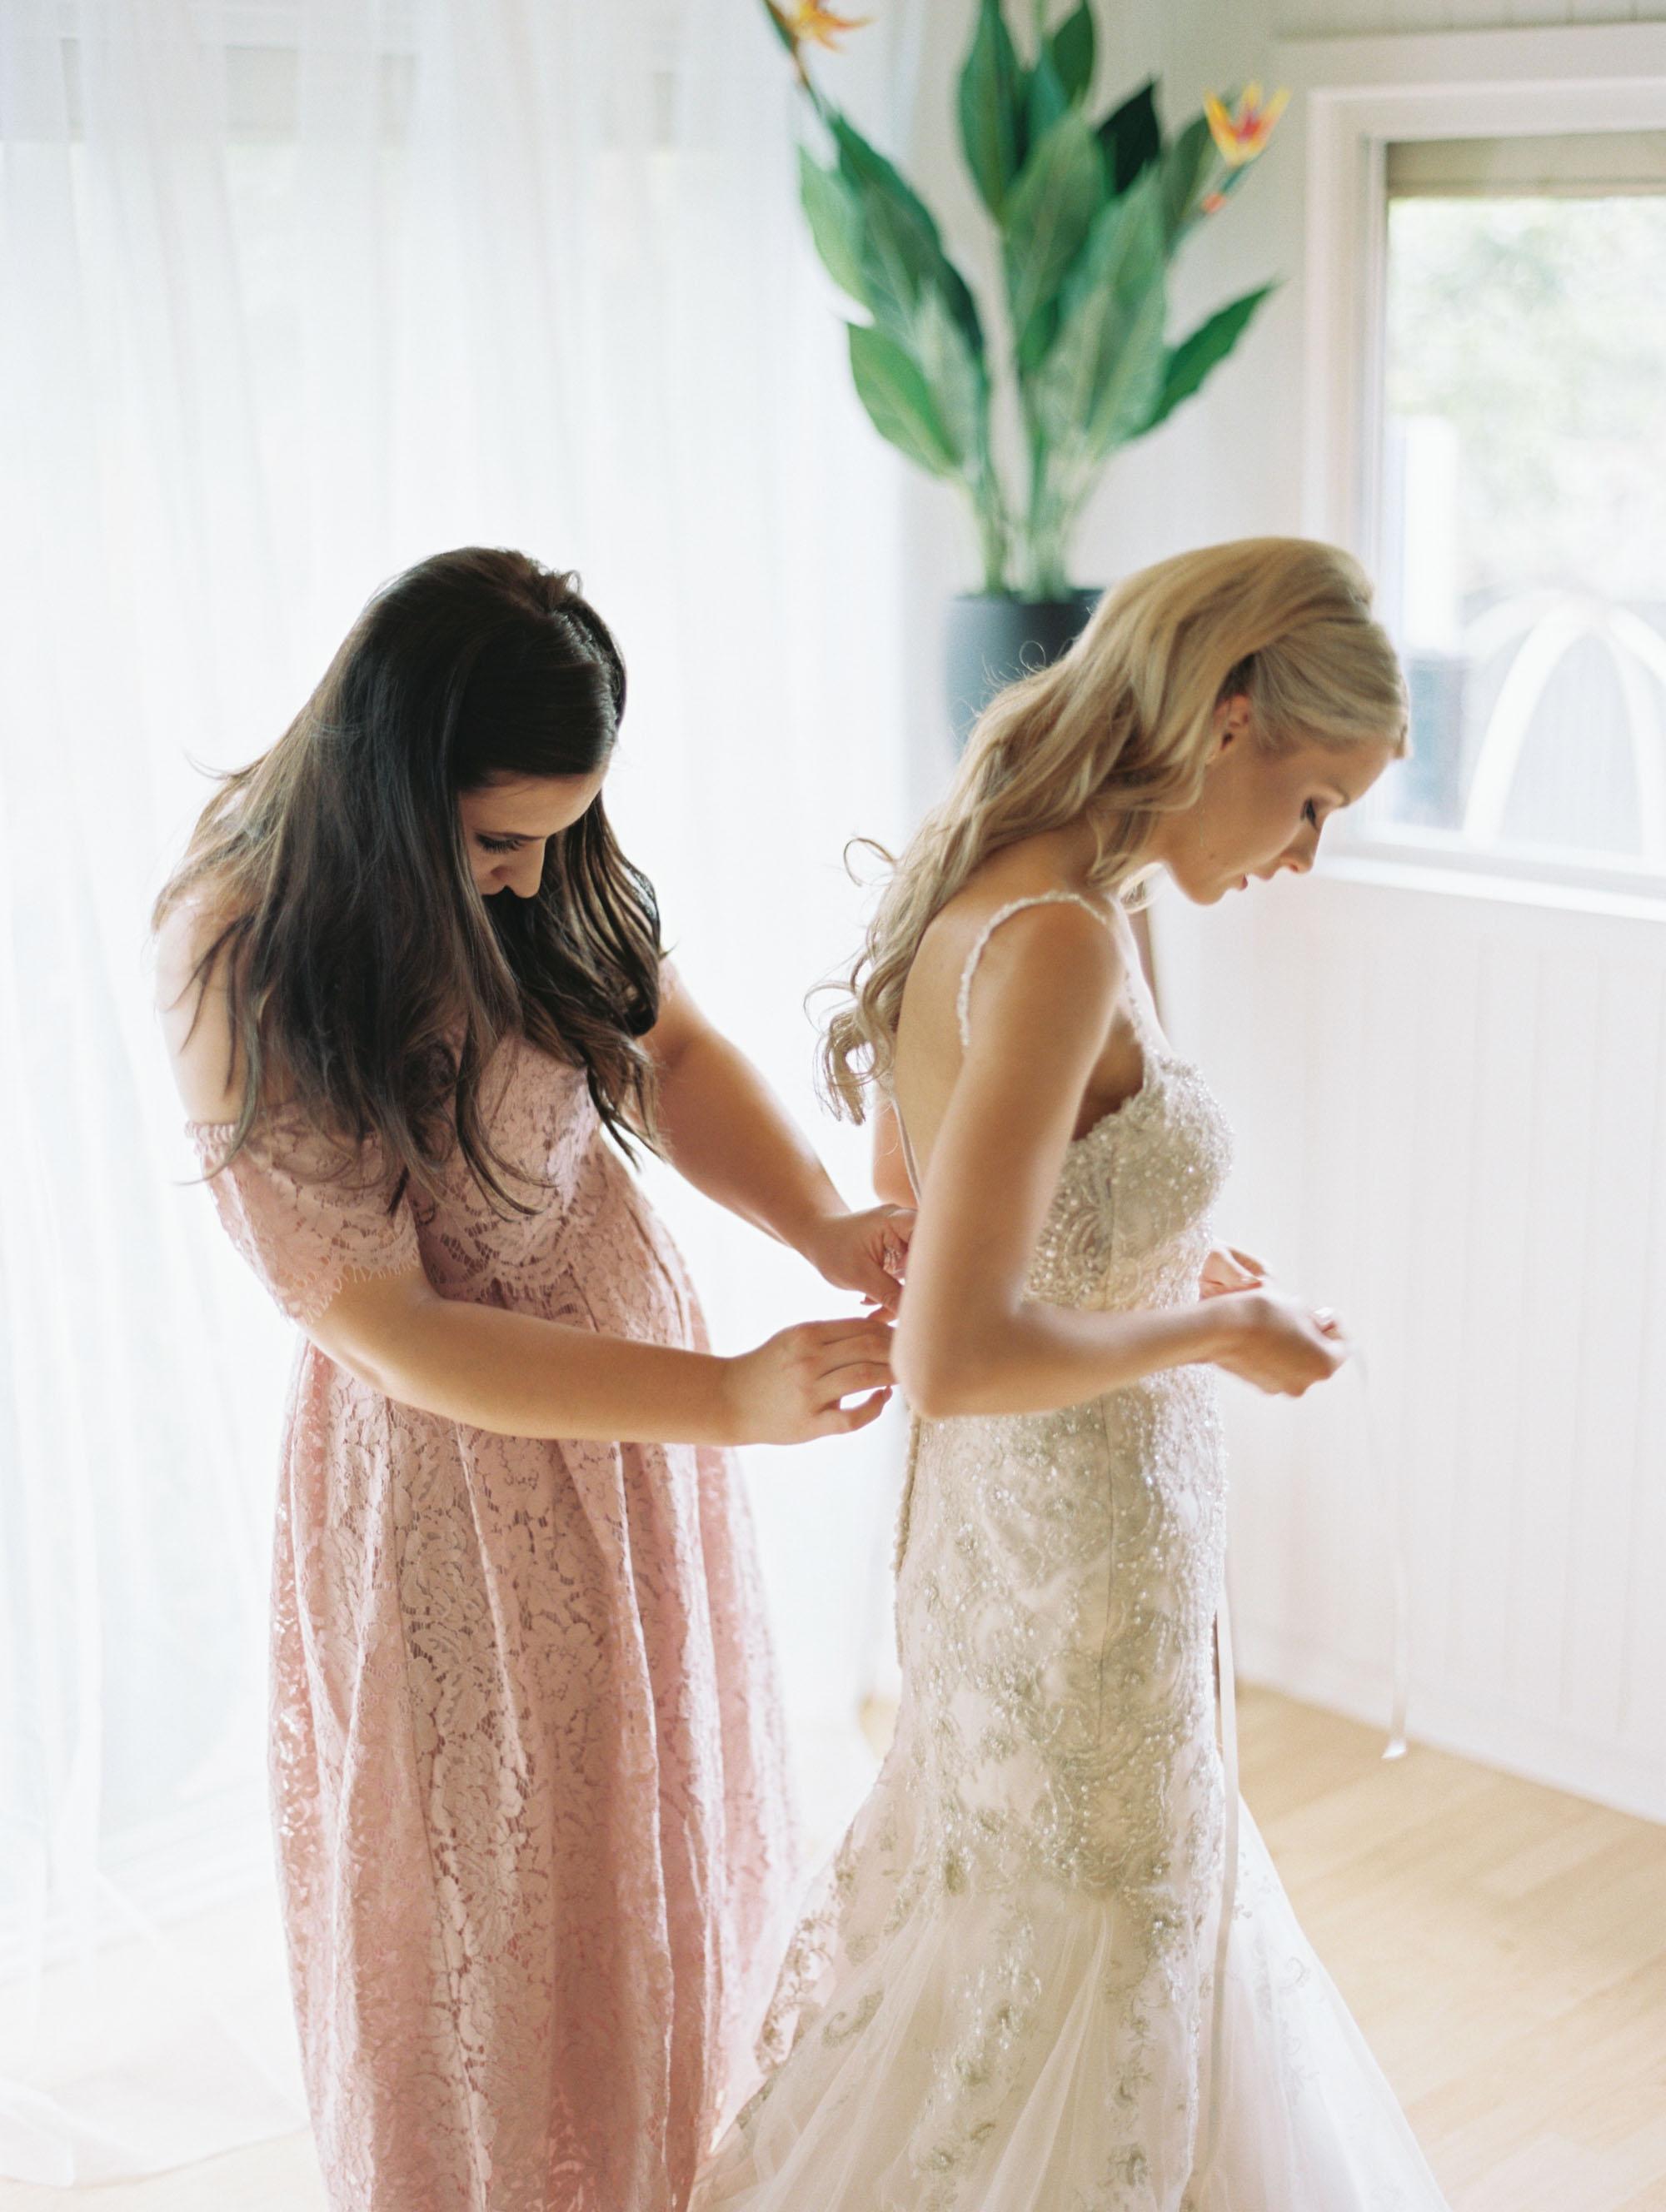 Whitehouse-hahndorf-wedding-photography-032.jpg